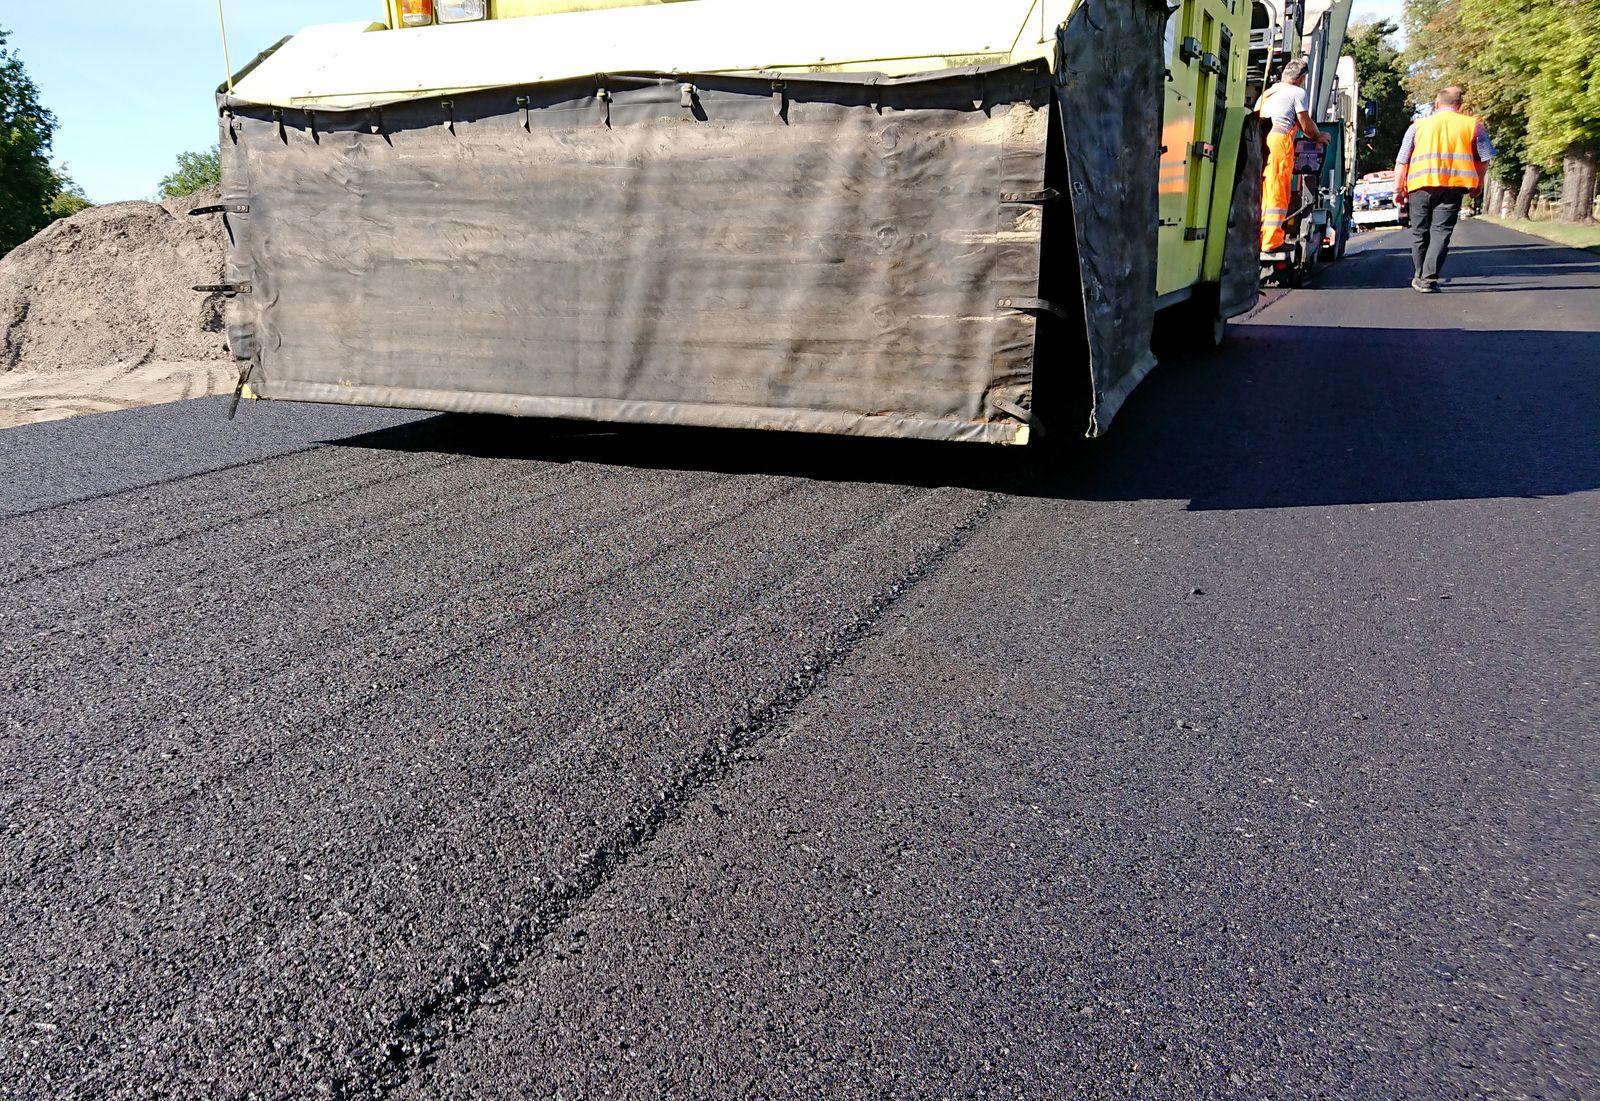 Powiat pleszewski. Remont tej drogi może pochłonąć aż 160 milionów zł! - Zdjęcie główne